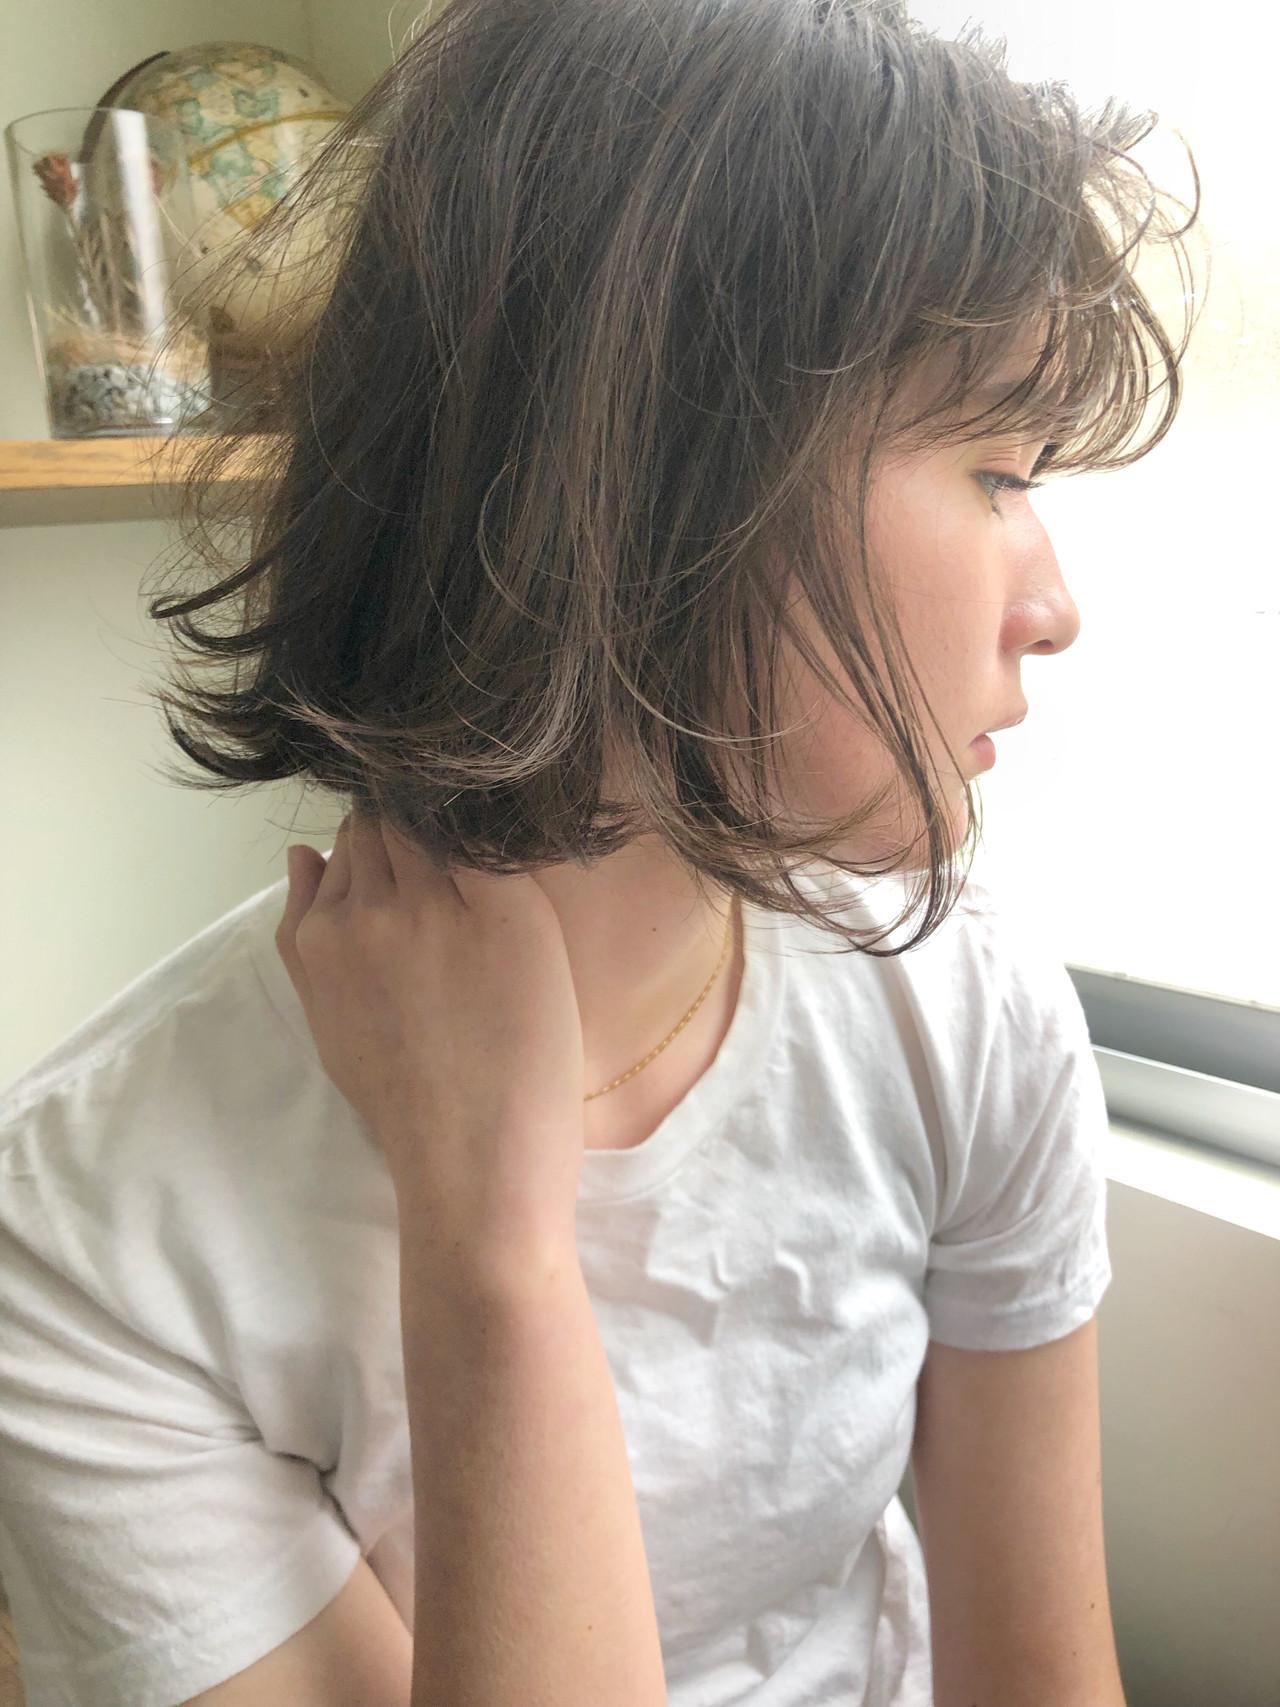 ガーリー ボブ アンニュイほつれヘア スポーツ ヘアスタイルや髪型の写真・画像